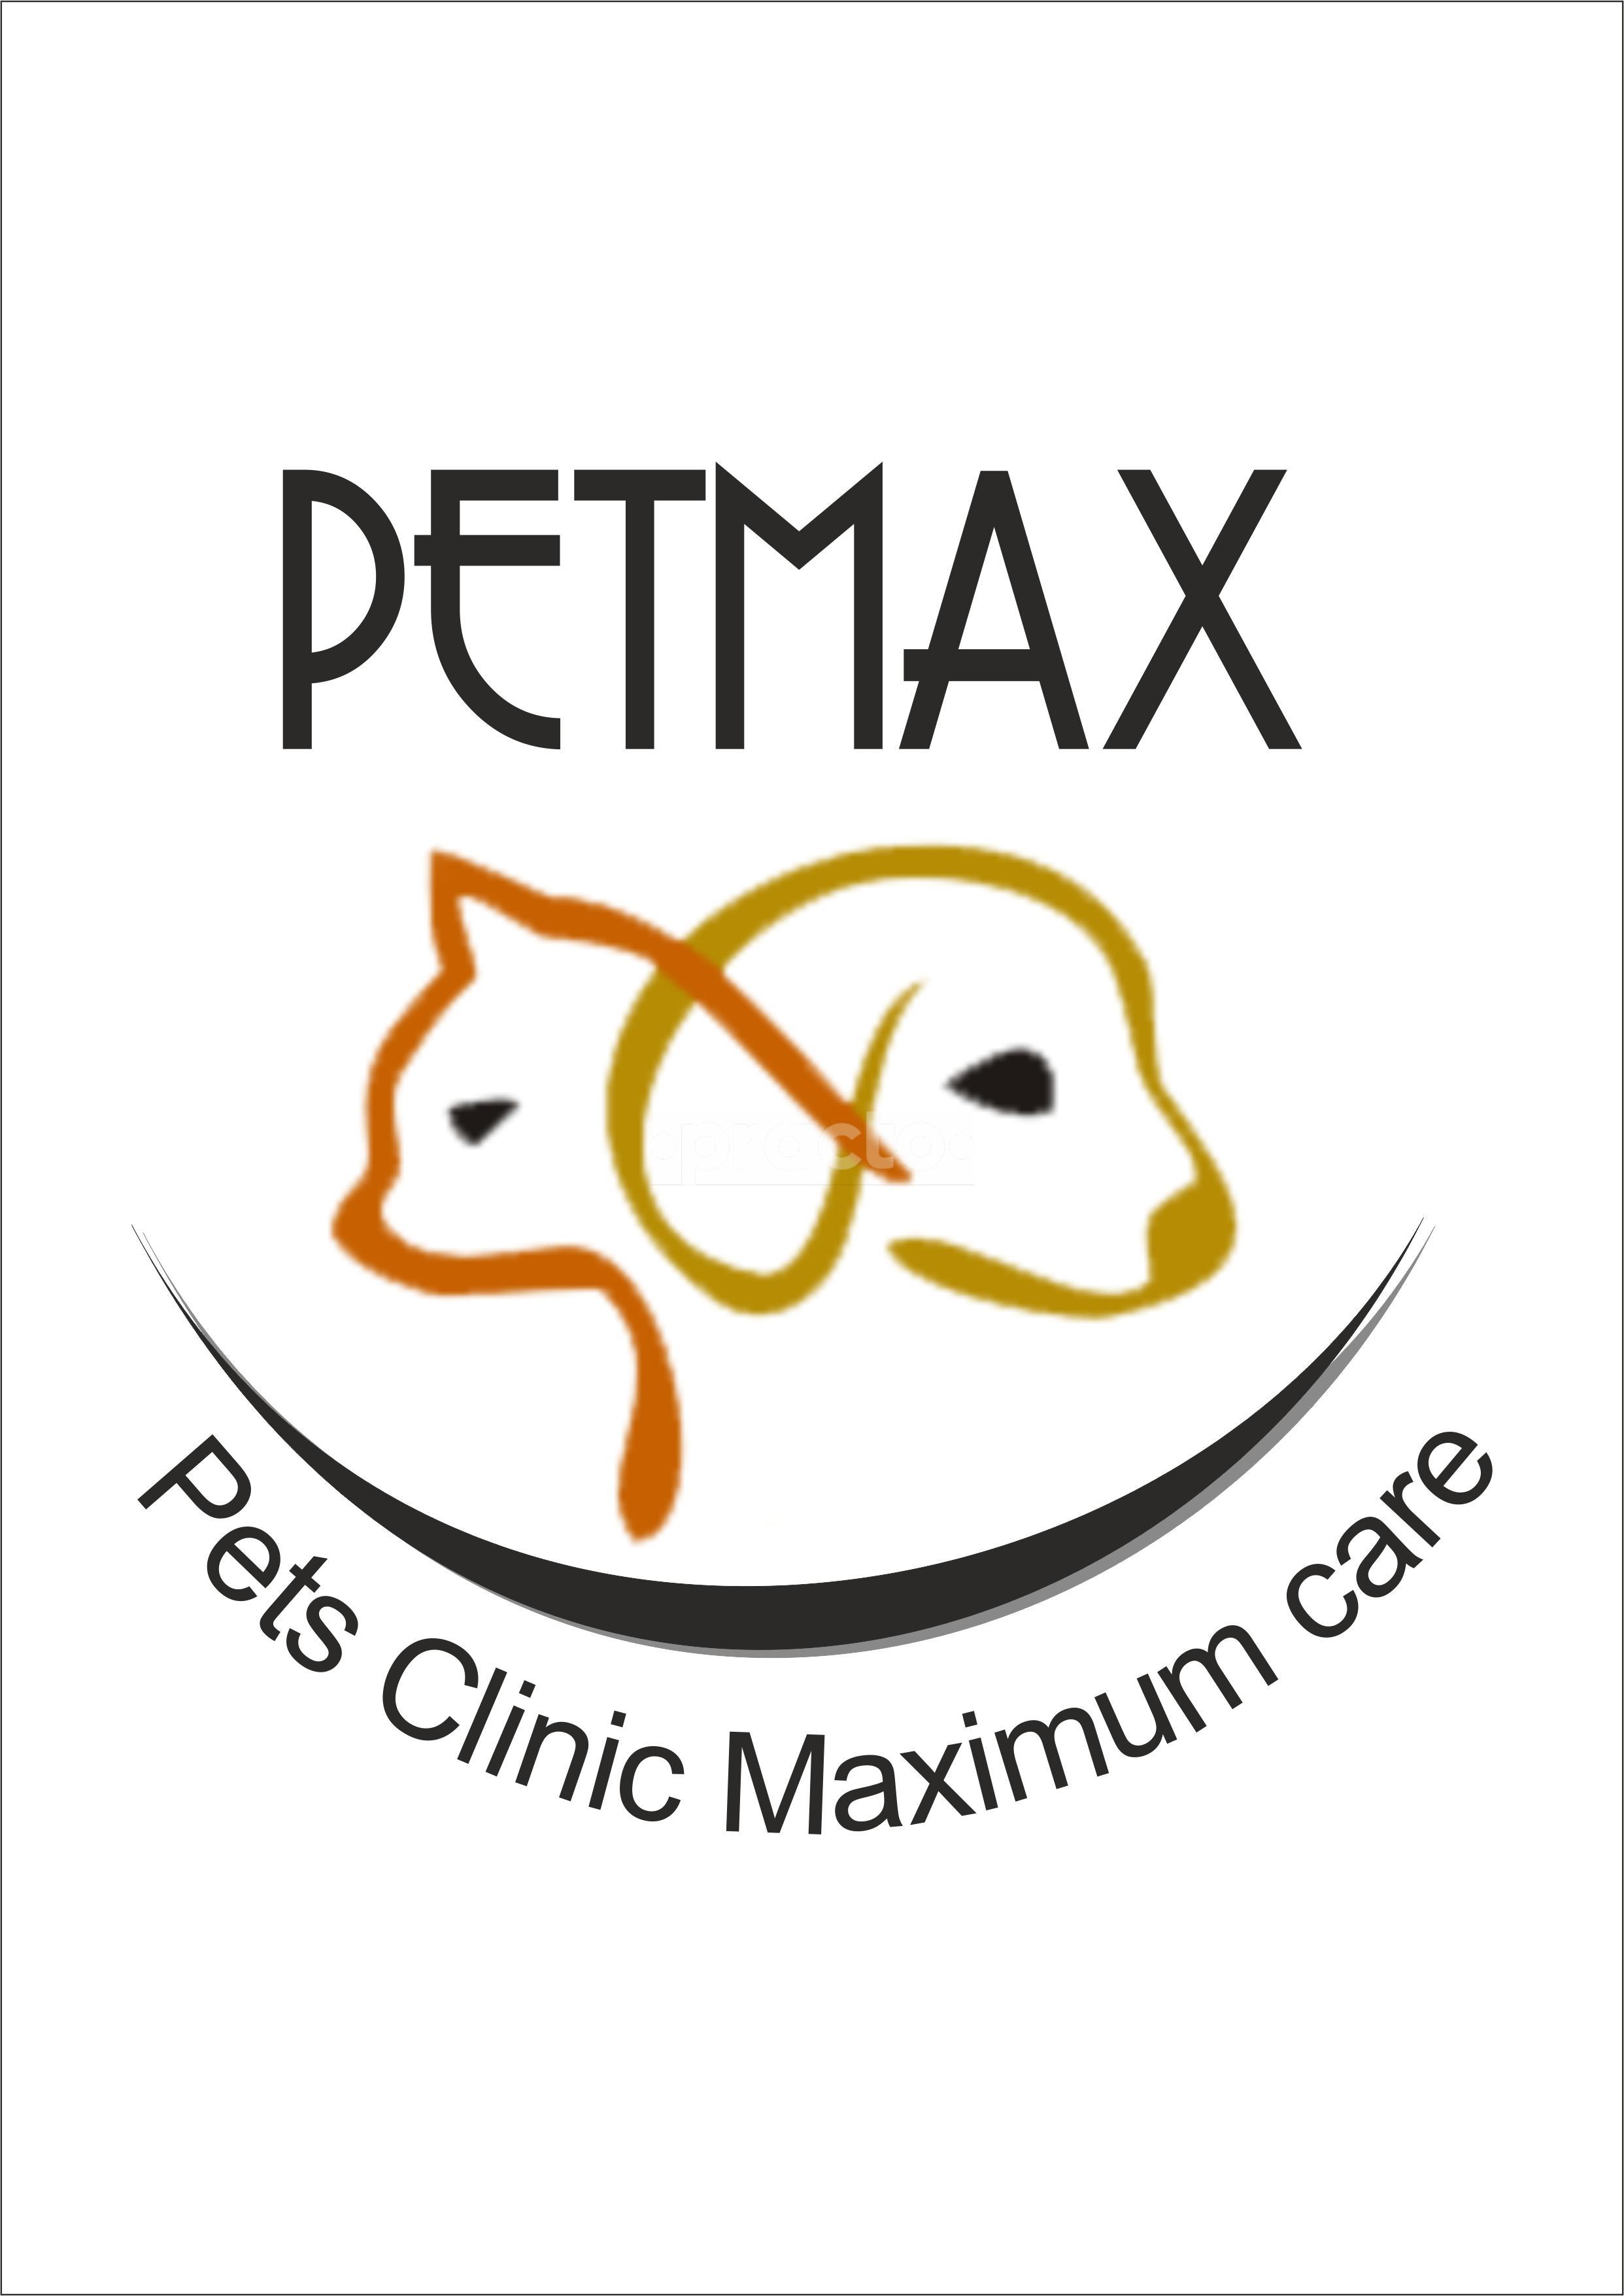 Petmax  Clinic